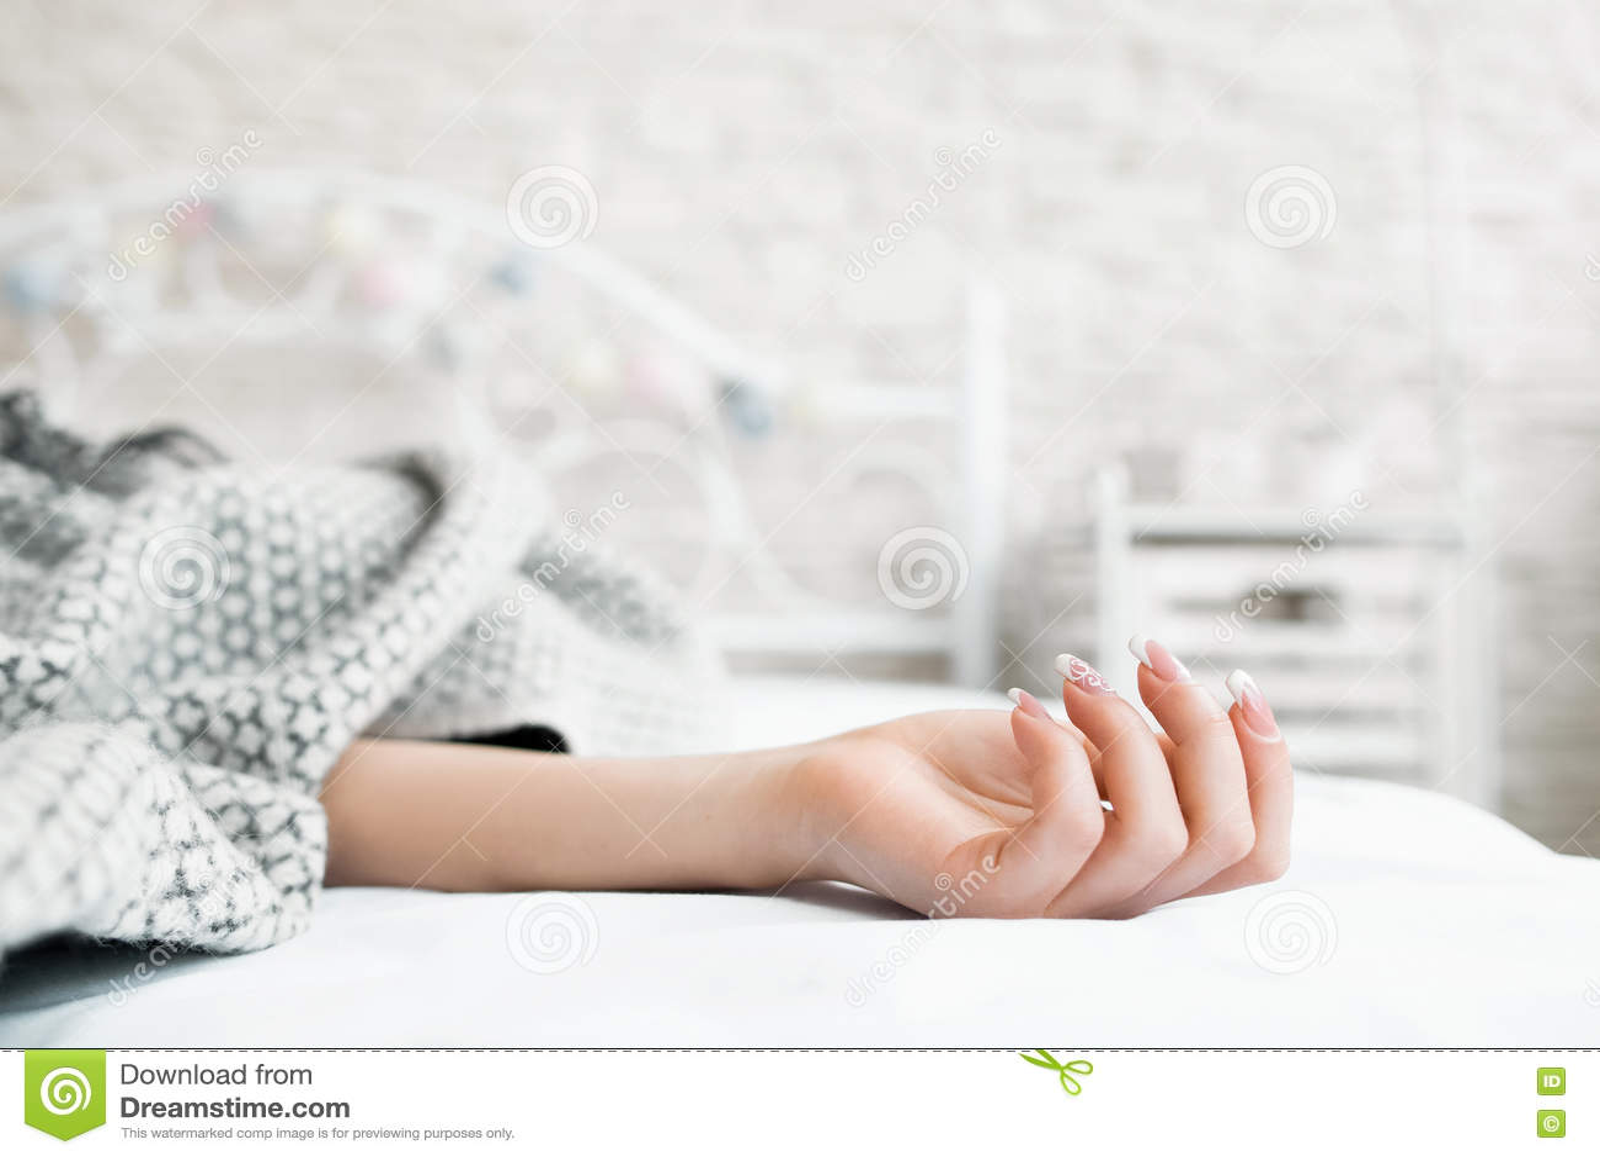 La main du sommeil dans le lit a couvert le plan rapproché de femme